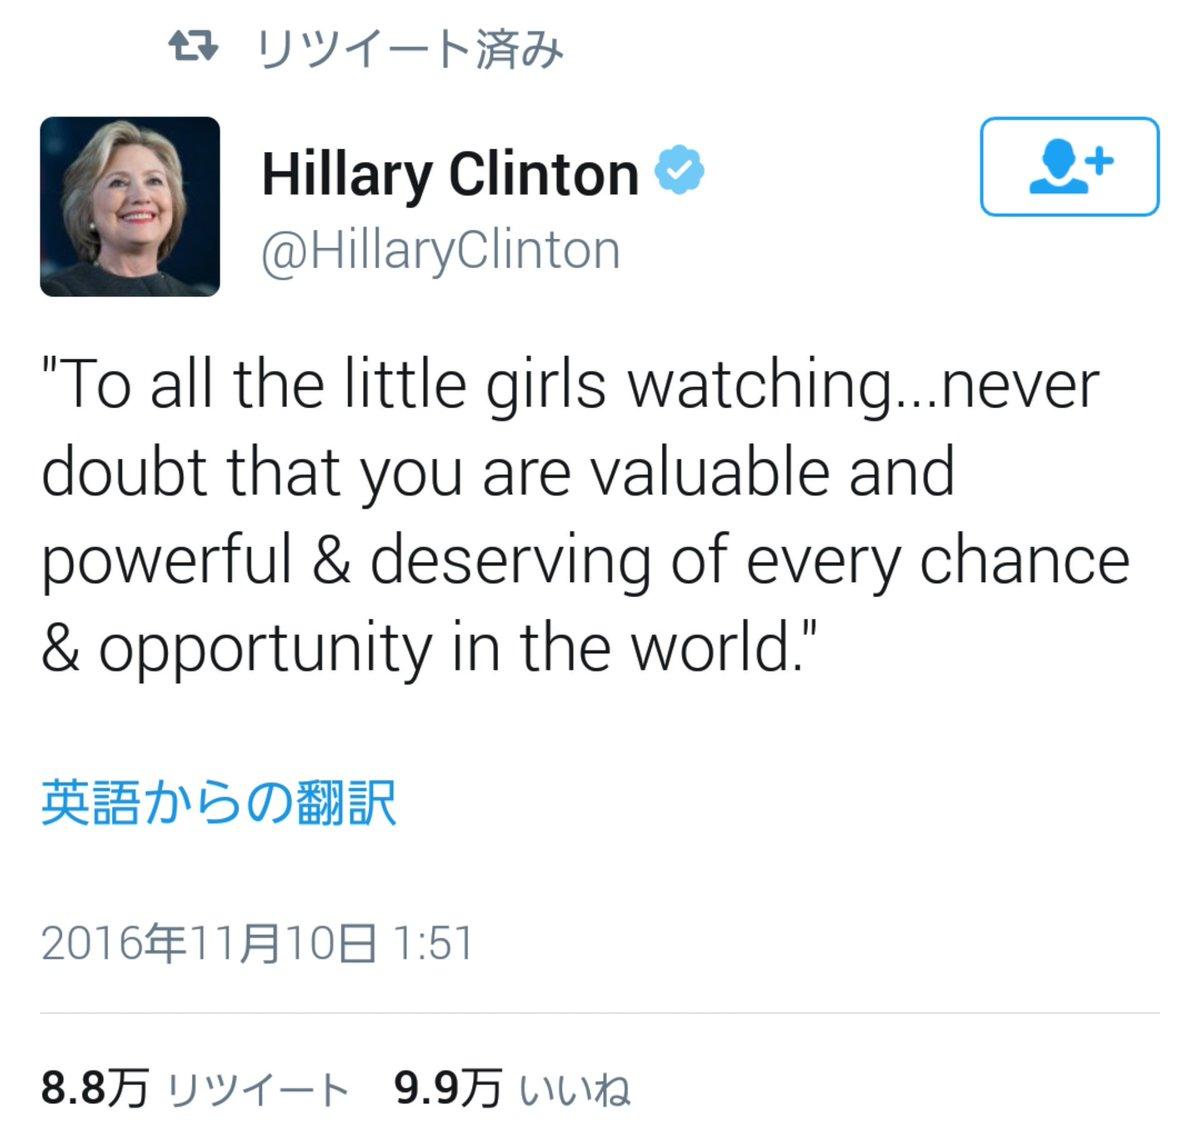 """""""(スピーチを)観ているすべての小さな女の子たちへ。あなたは貴重な存在であること、力があること、世界中すべてのチャンスをものにするに値する存在であることを、決して疑わないで""""  ヒラリー・クリントン https://t.co/MsyzpboTba"""